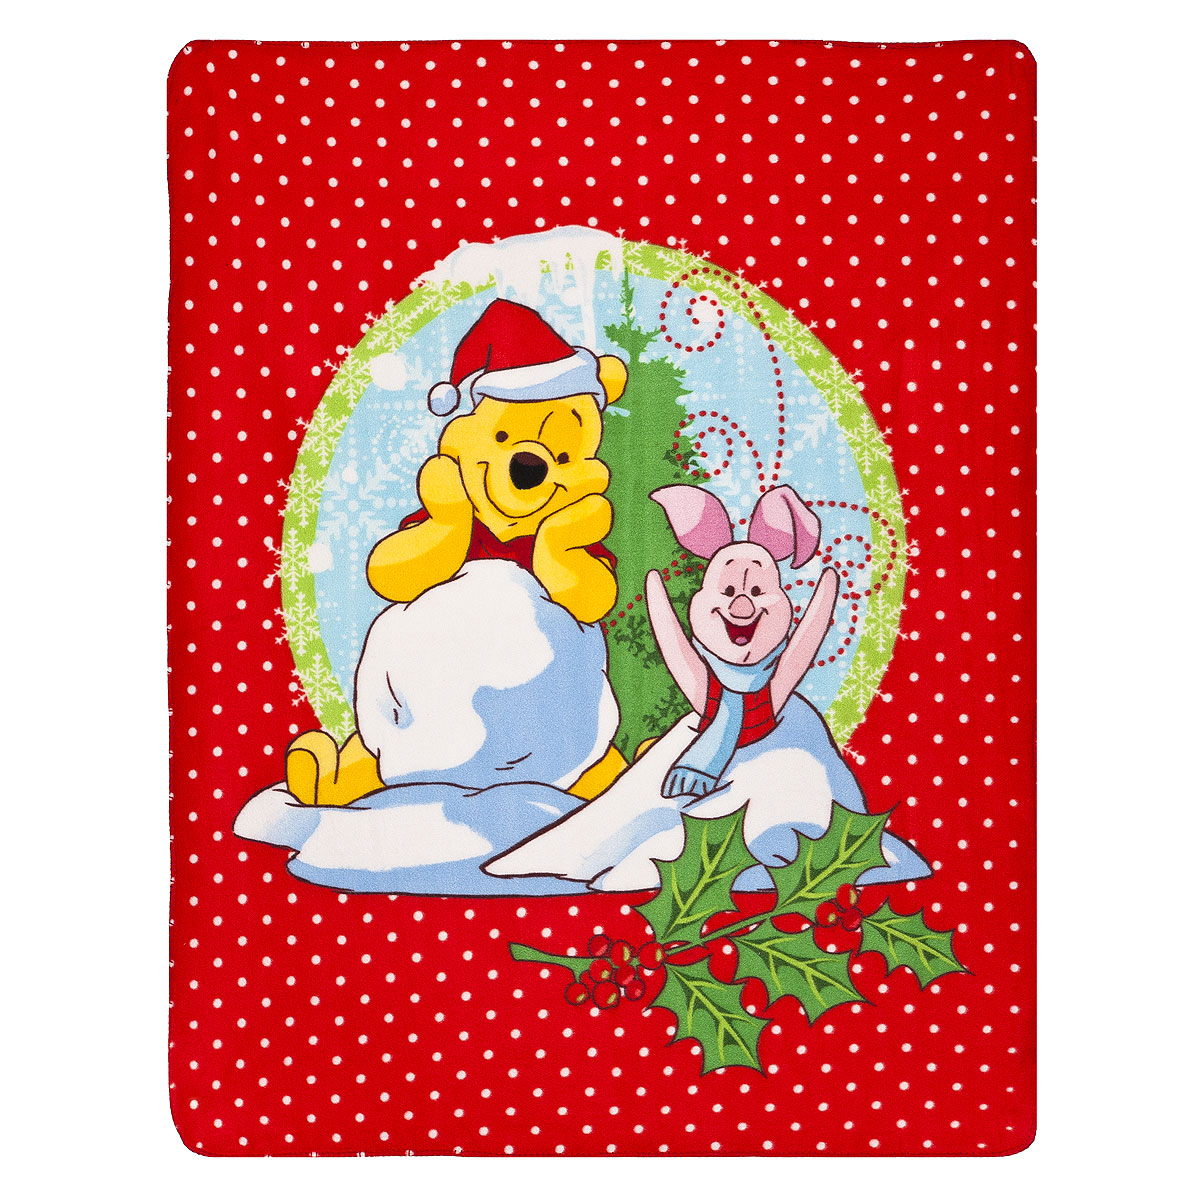 Плед флисовый новогодний Disney Винни и его друзья, 130 см х 160 см65553Мягкий и уютный плед Disney Винни и его друзья, изготовленный из флиса, согреет в прохладные вечера и сделает ваш дом уютным. Плед не скатывается и не вызывает аллергии, легко стирается и быстро сохнет. Изделие оформлено новогодним принтом и красочным изображением Винни Пуха и Пятачка. Плед хорошо впишется в интерьер детской и создаст атмосферу гармонии и уюта. Пледом можно уютно укрыться дома или взять с собой в путешествие.